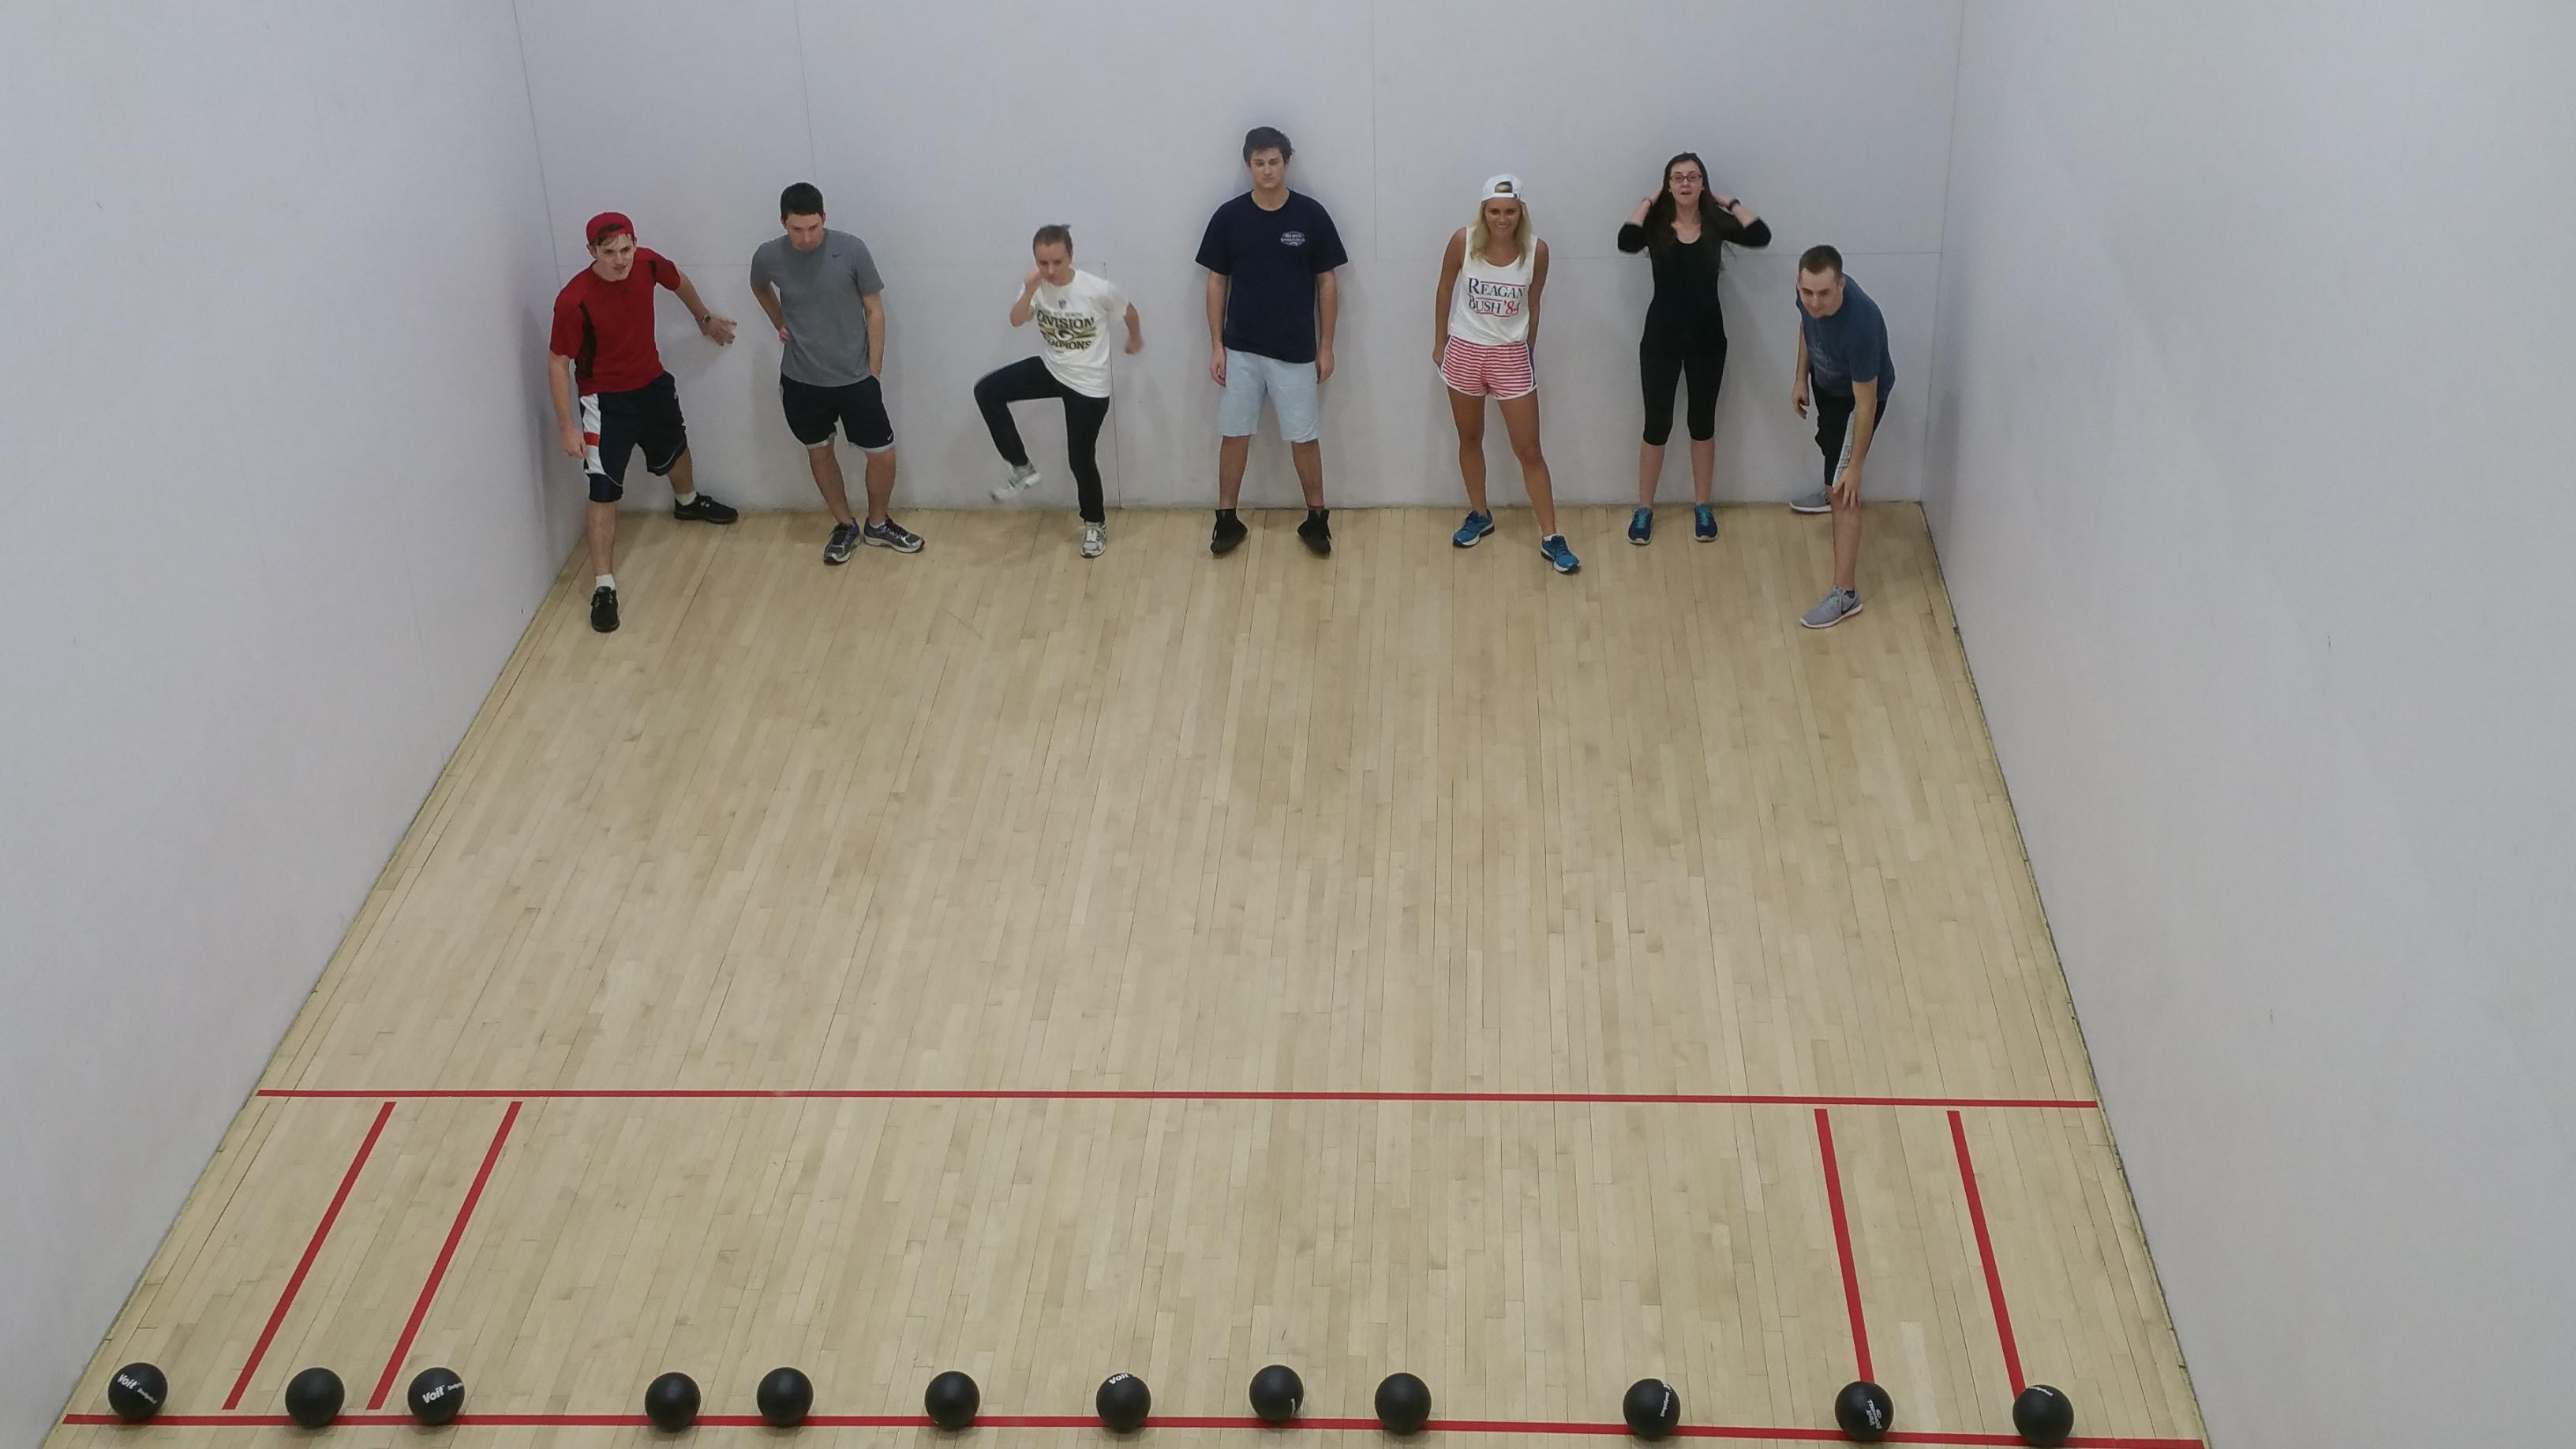 Comparison essay on racquetball